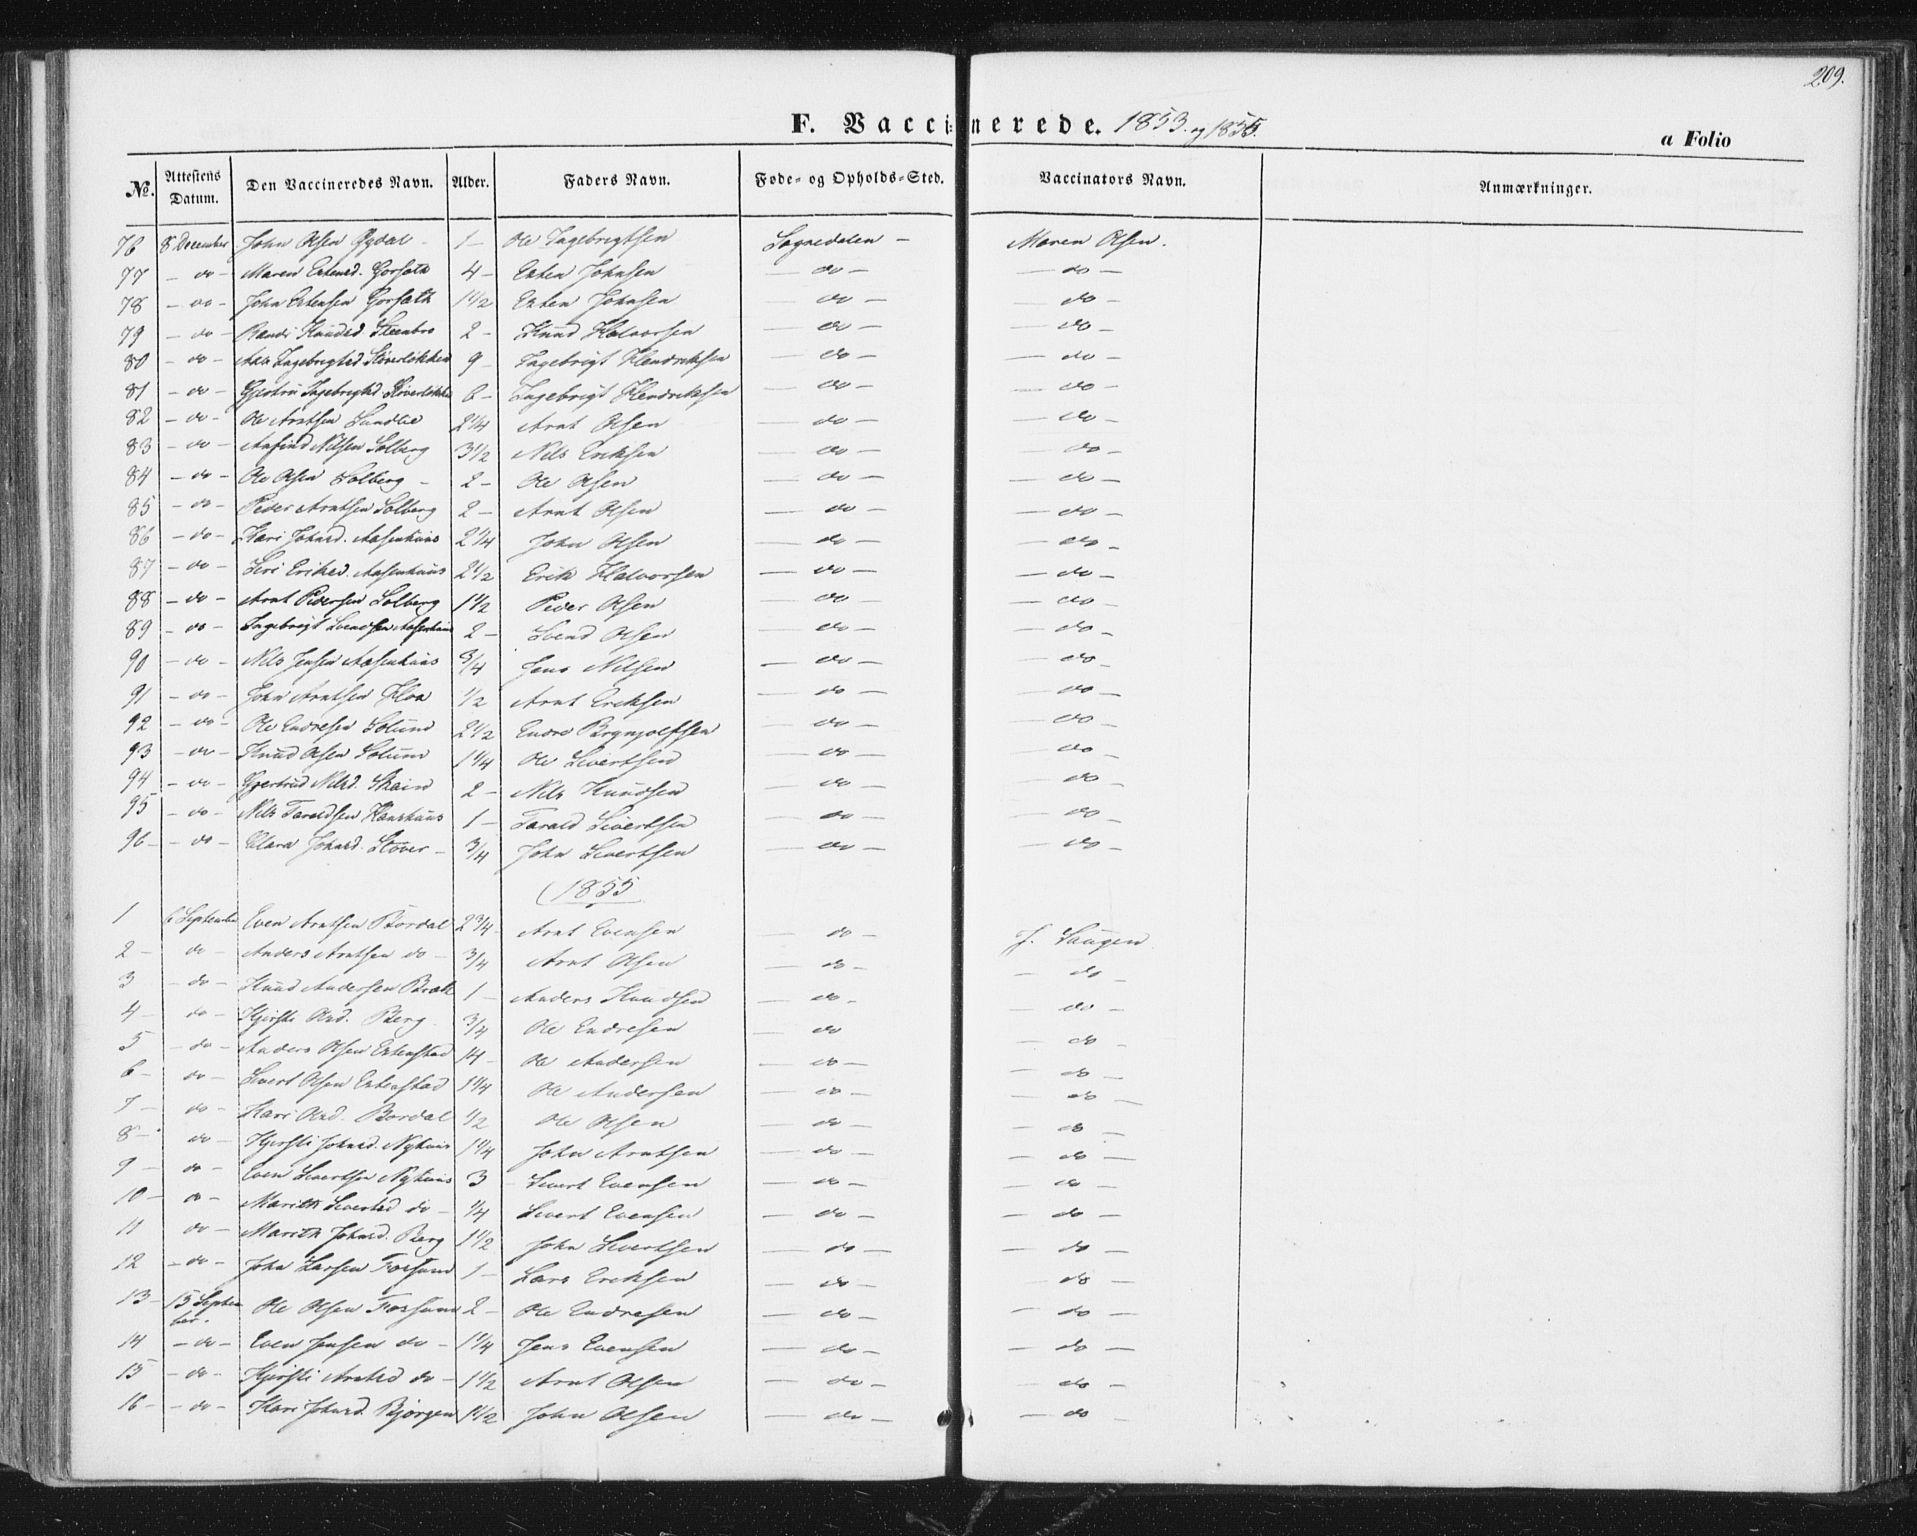 SAT, Ministerialprotokoller, klokkerbøker og fødselsregistre - Sør-Trøndelag, 689/L1038: Ministerialbok nr. 689A03, 1848-1872, s. 209